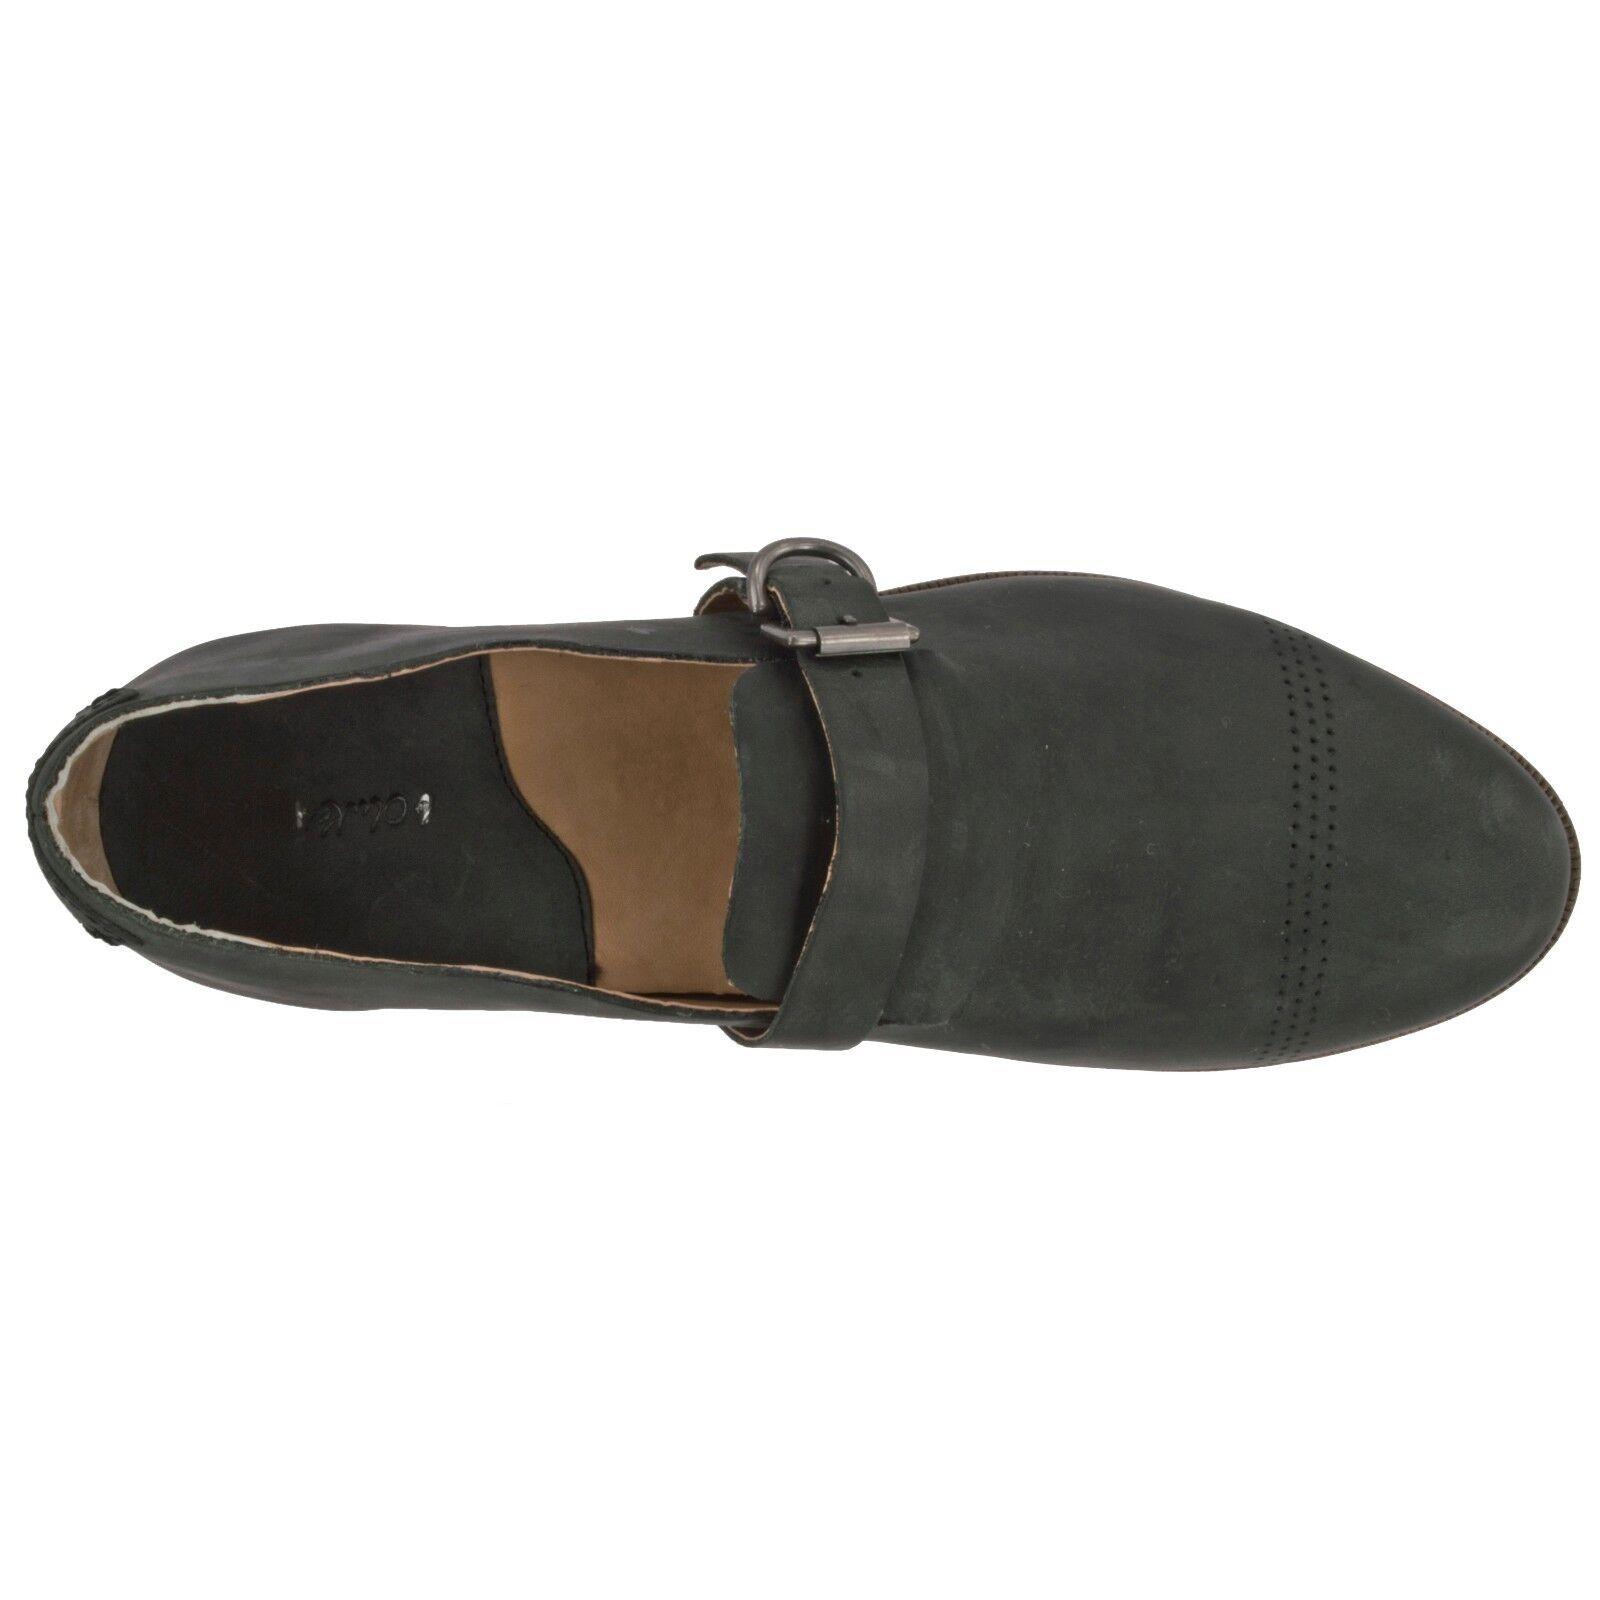 Olukai muestra para mujeres Cuero Haili Oxford Plano Sin De Cordones De Sin Vestir Zapatos EE. UU. 7 7af51c